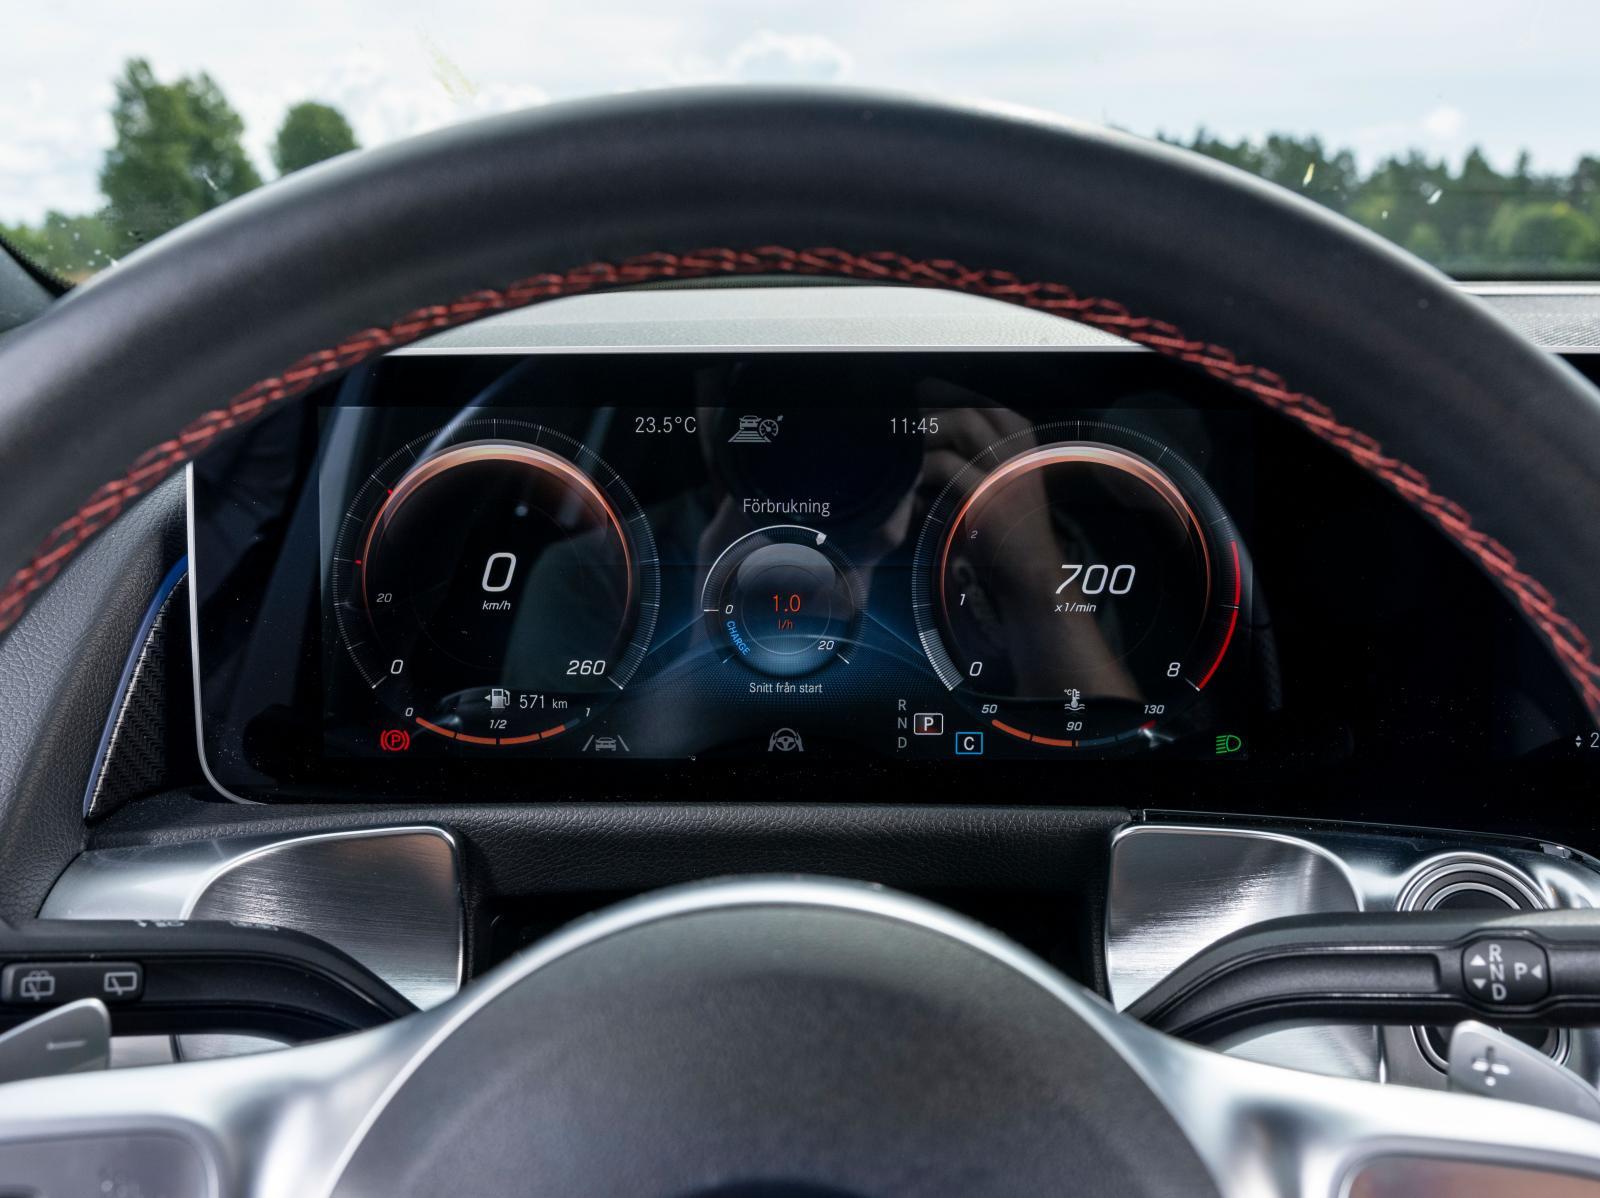 Instrumentvisningen kan varieras på åtskilliga sätt i GLB, som i andra Mercedes. Rätt kul, men hur ofta behöver man byta?